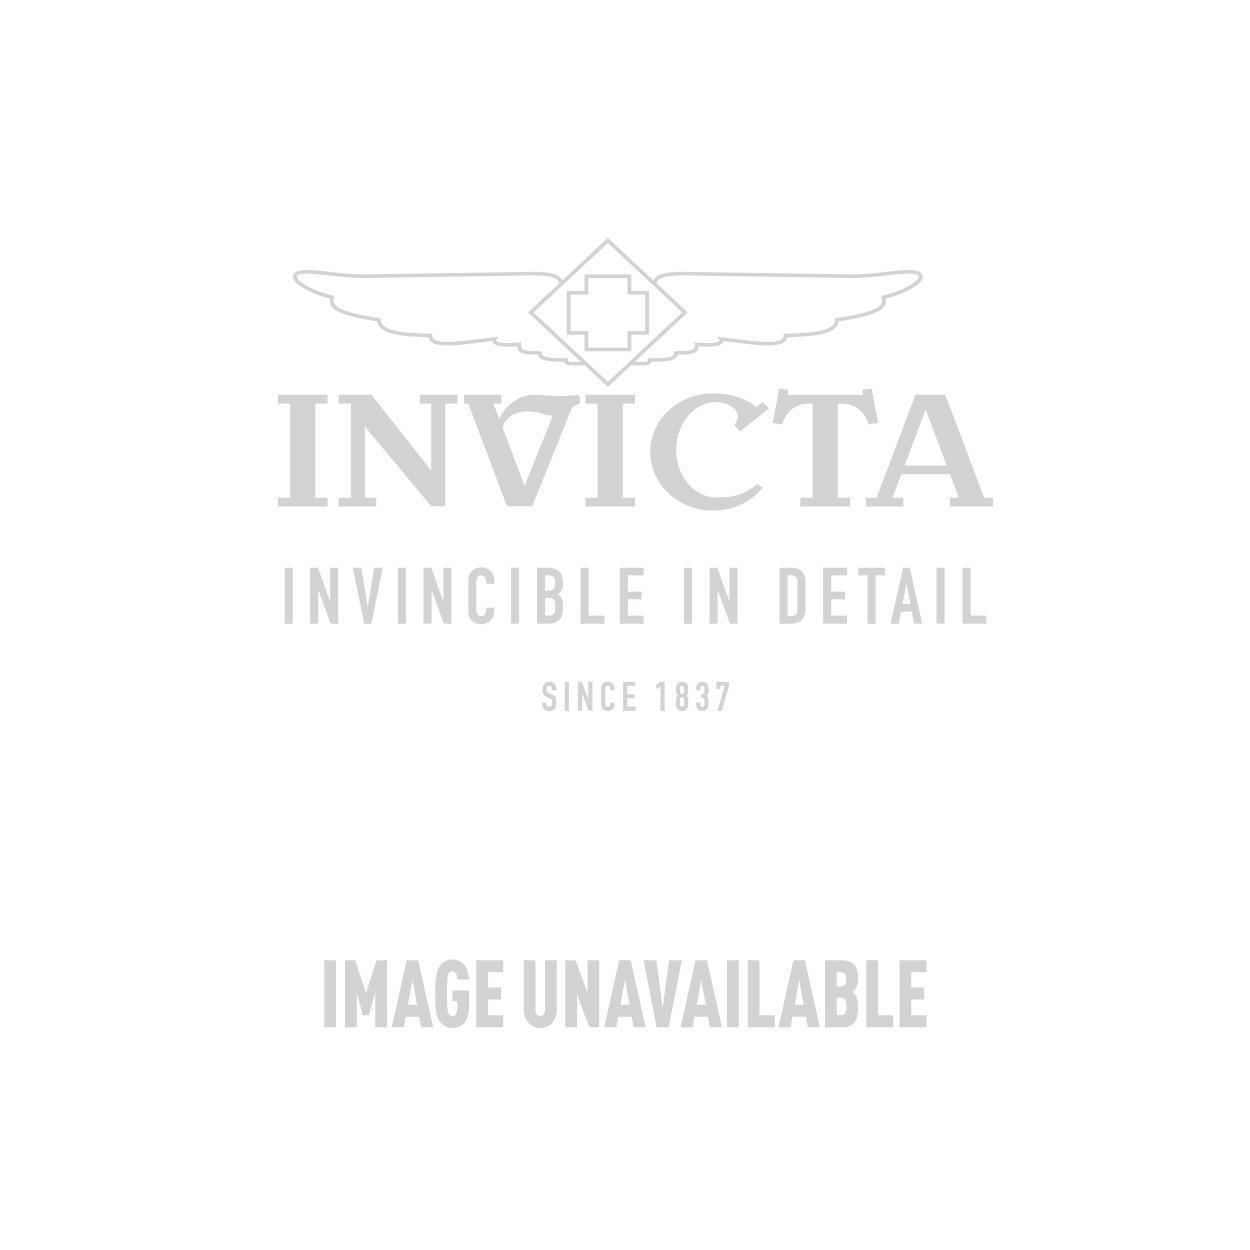 Invicta Model 29006